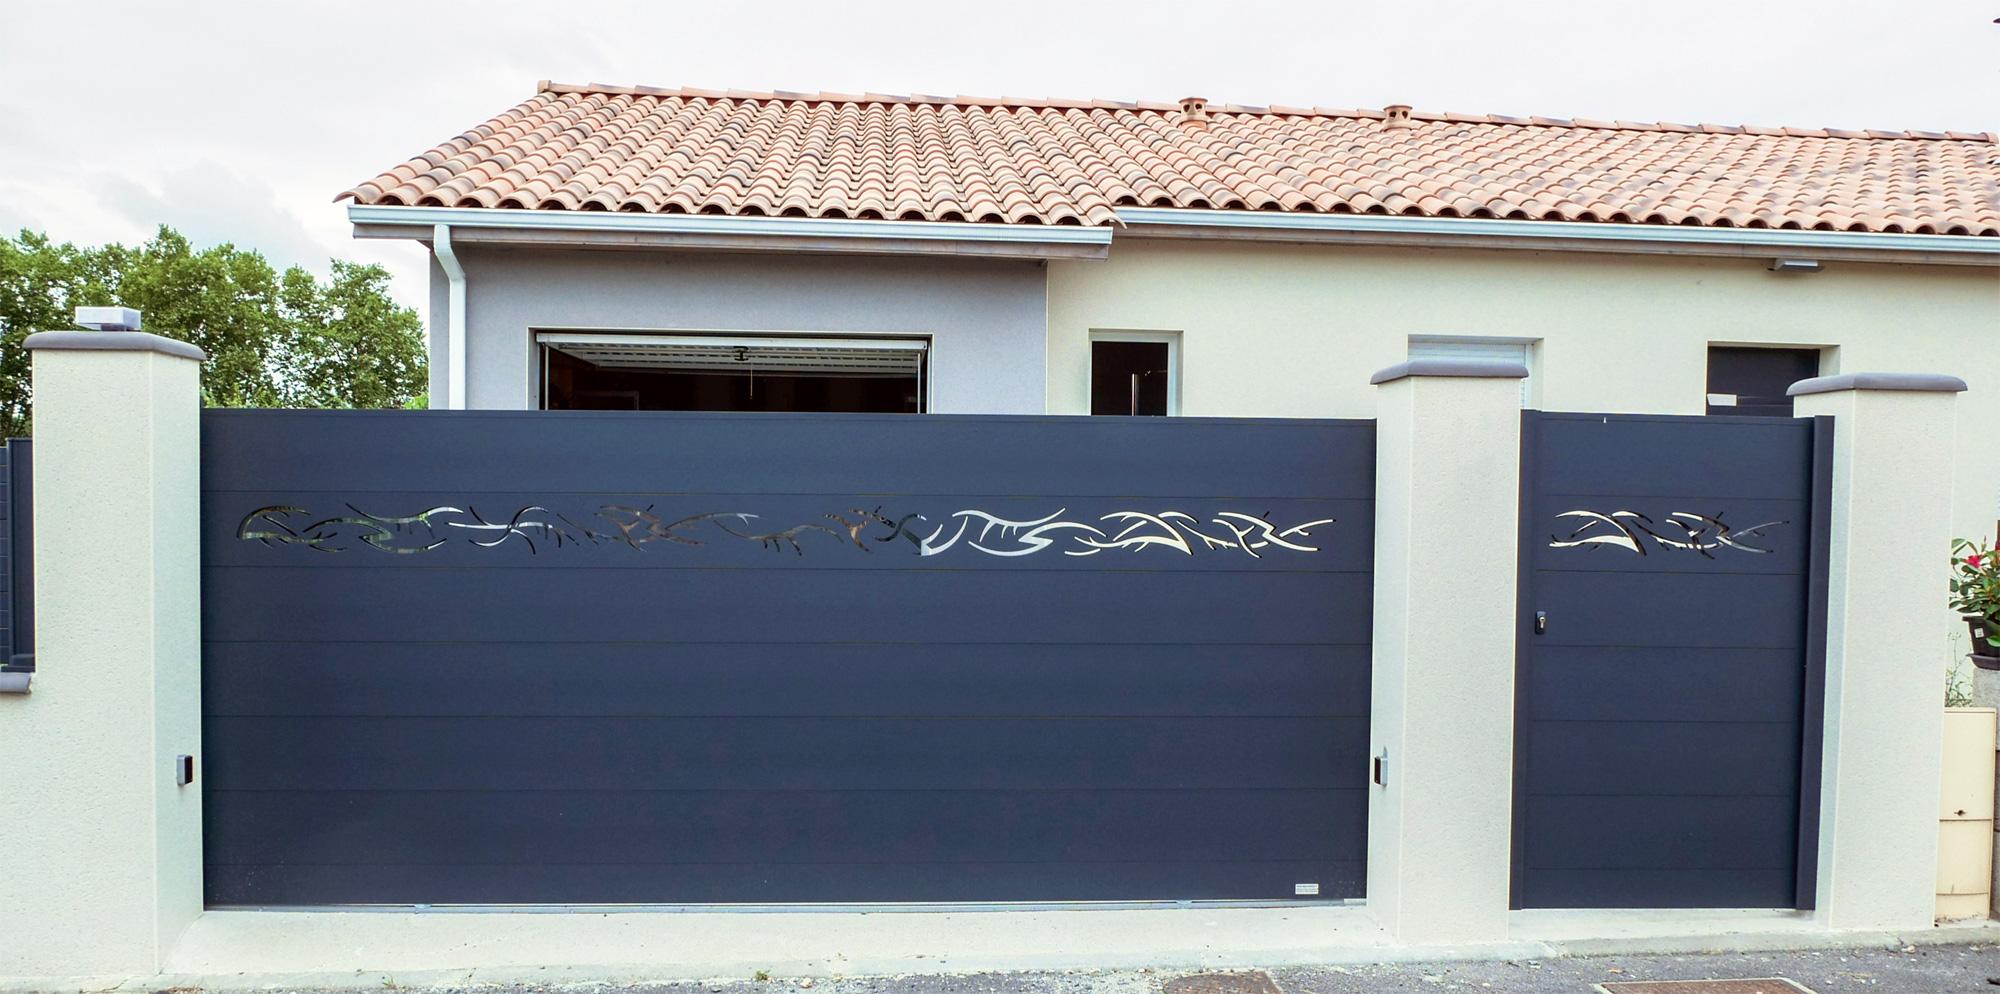 fabricant de portail sur mesure et claustra alu en france. Black Bedroom Furniture Sets. Home Design Ideas